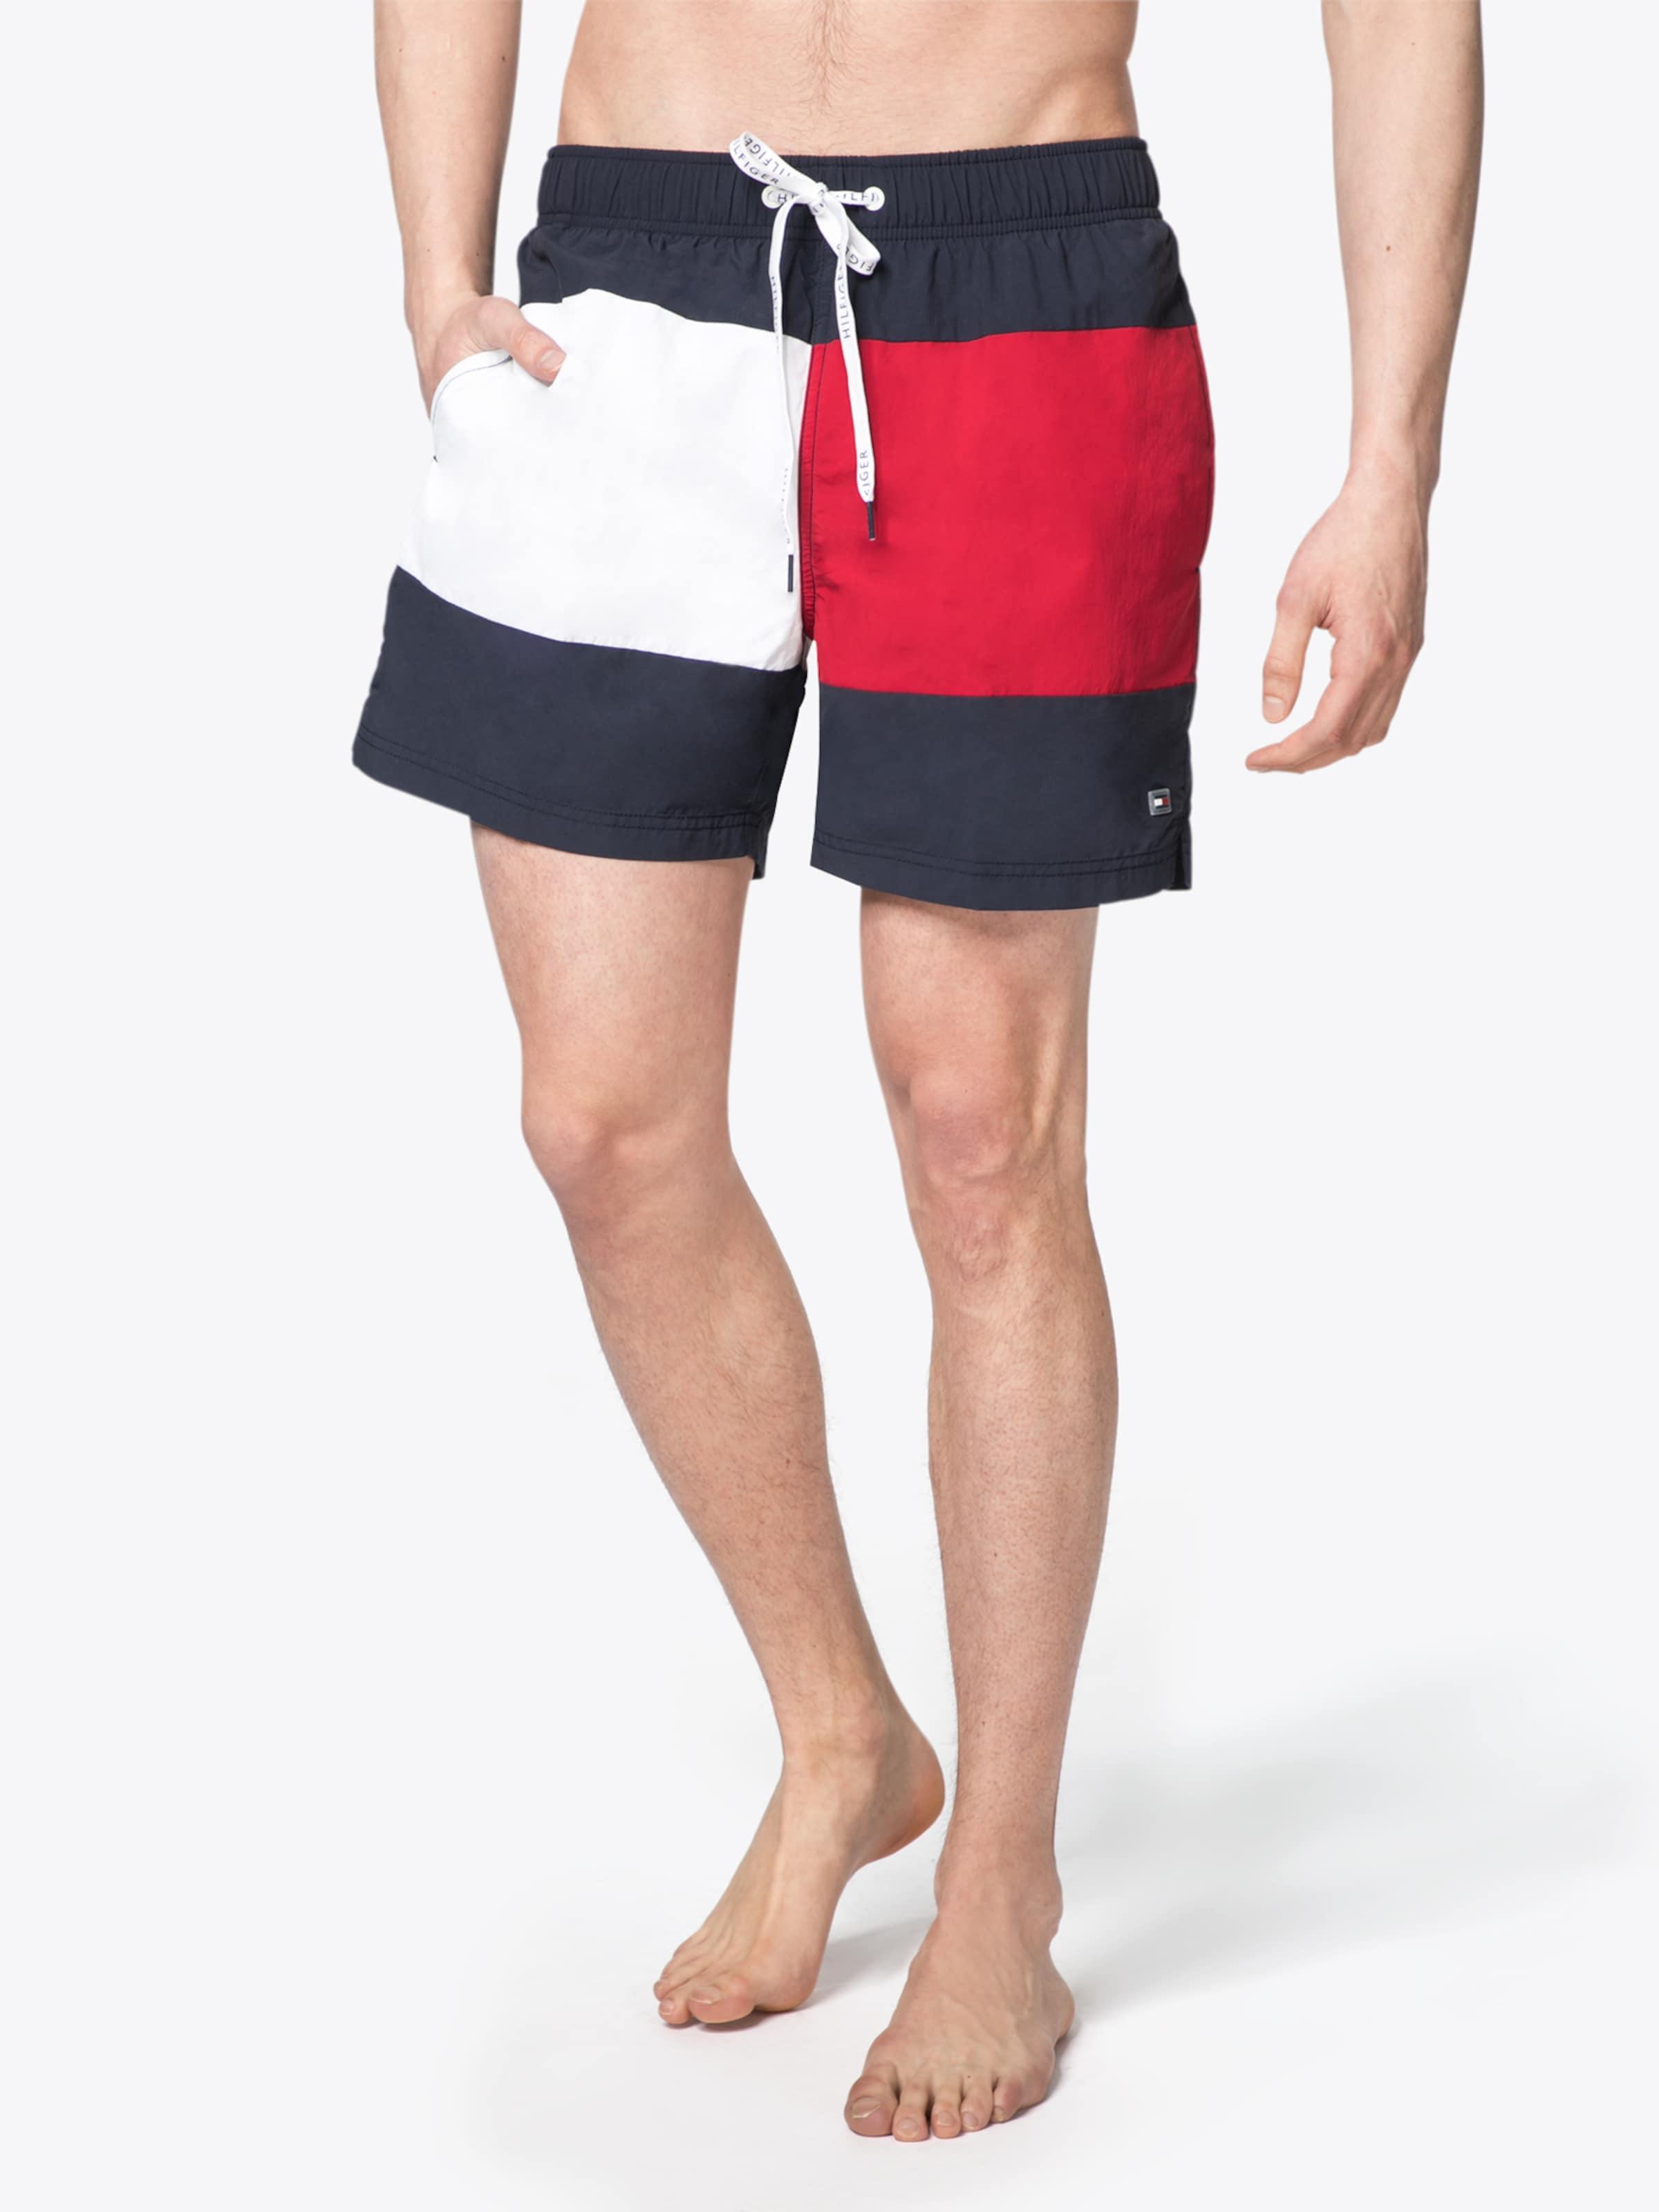 Tommy Hilfiger Underwear Kurze Badeshorts 'MEDIUM DRAWSTRING' Eastbay Zum Verkauf Auslass Wiki Viele Arten Von rFOd1N